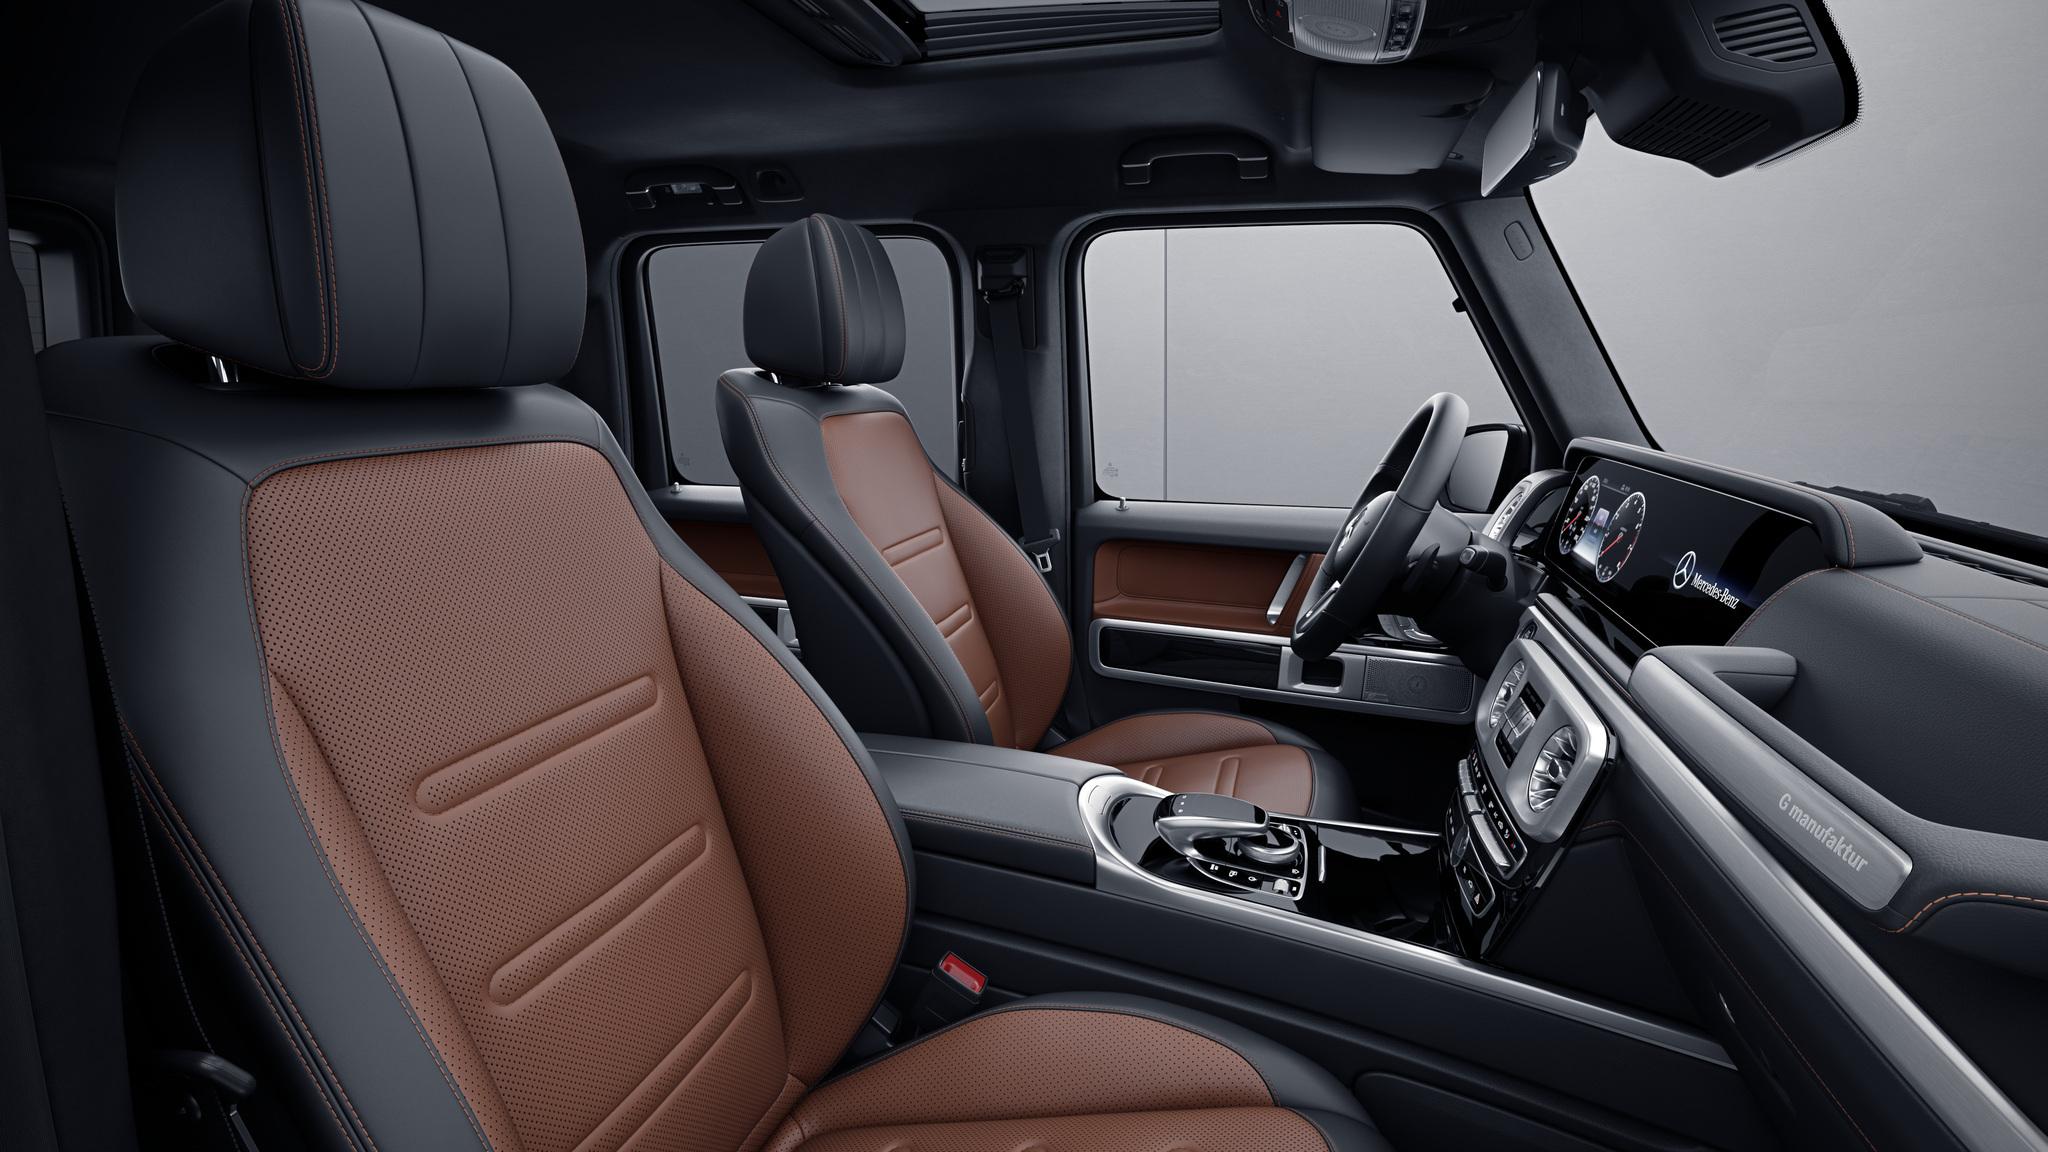 Habitacle de la Mercedes Classe G, Cuir Nappa bicolore G manufaktur - Marron cuir noir